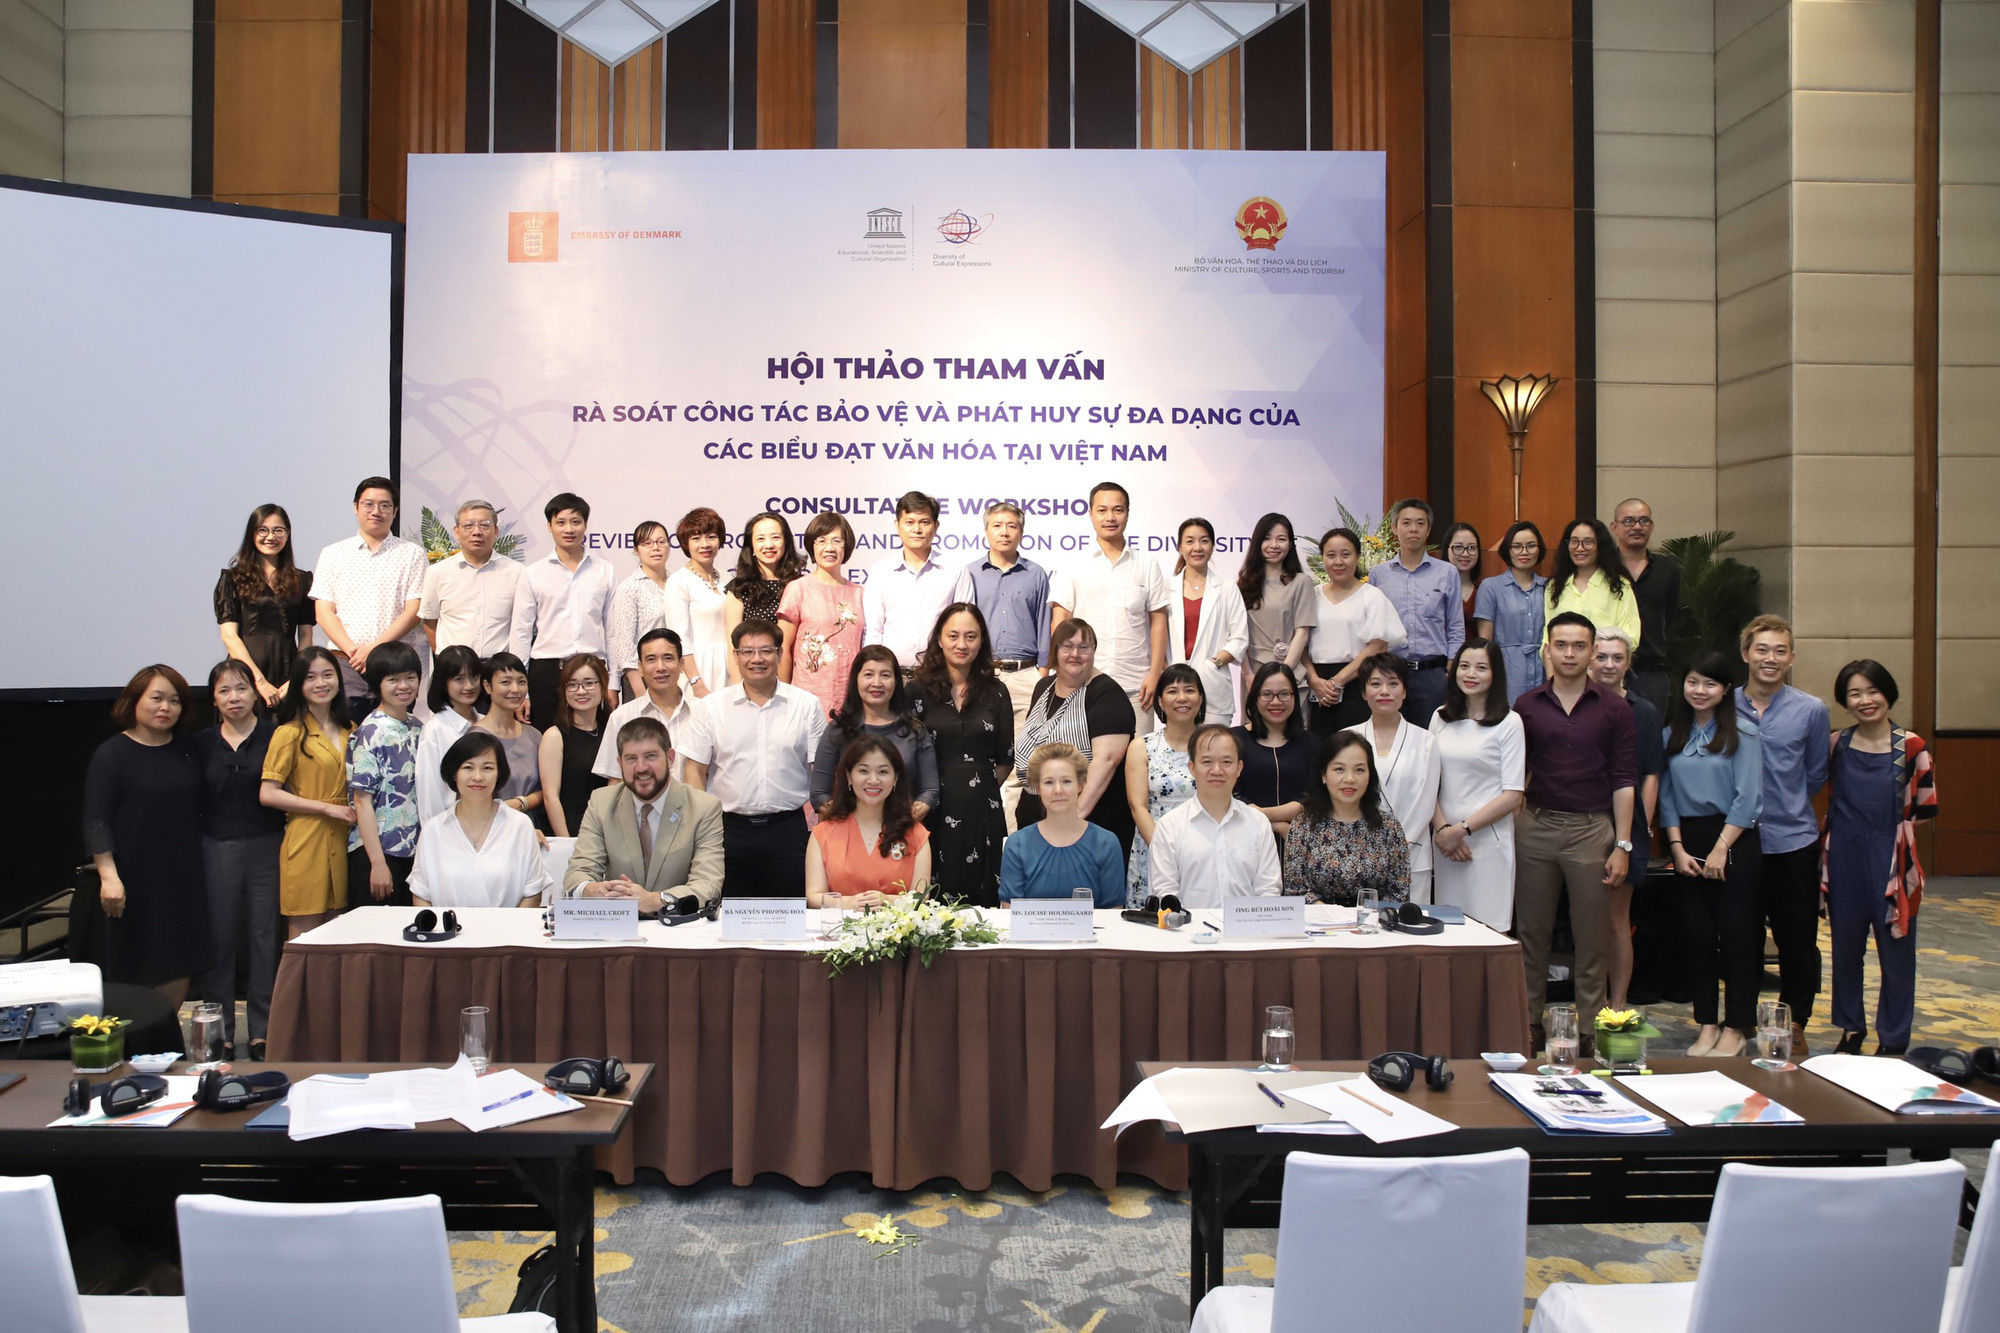 Bộ VHTTDL tham vấn về rà soát công tác bảo vệ và phát huy sự đa dạng các biểu đạt văn hóa tại Việt Nam - Ảnh 3.